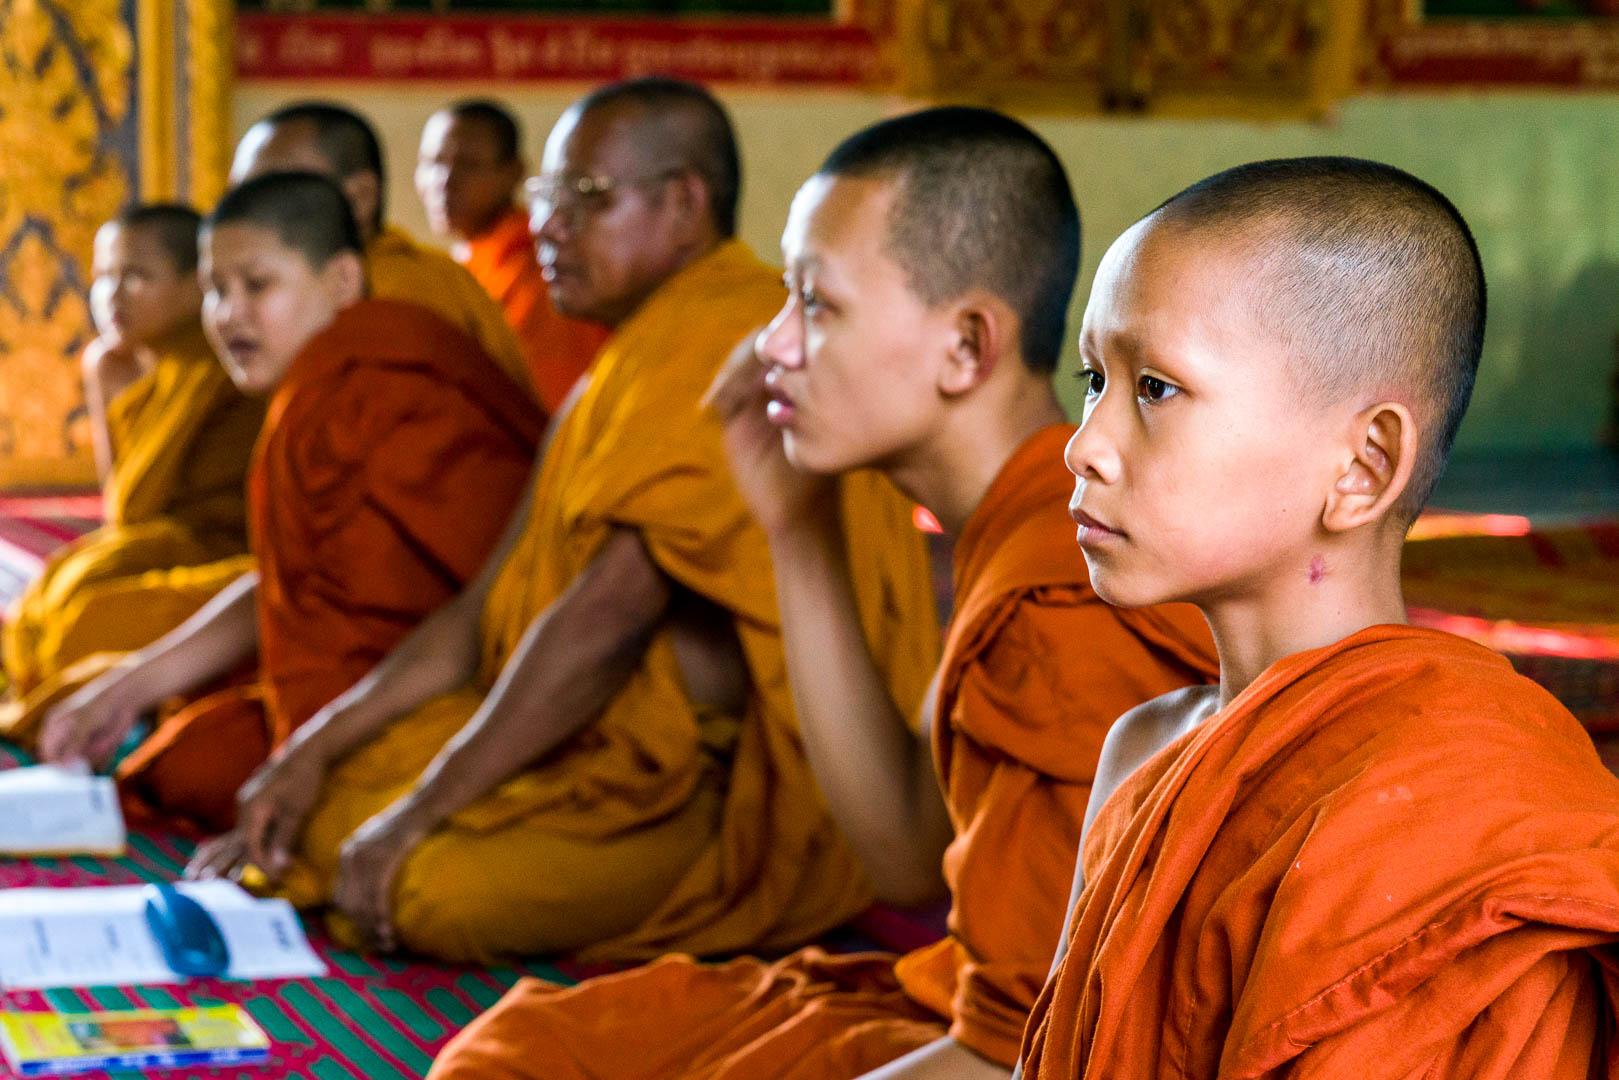 (c) Steven Adelstein: Monks in Battambang Cambodia